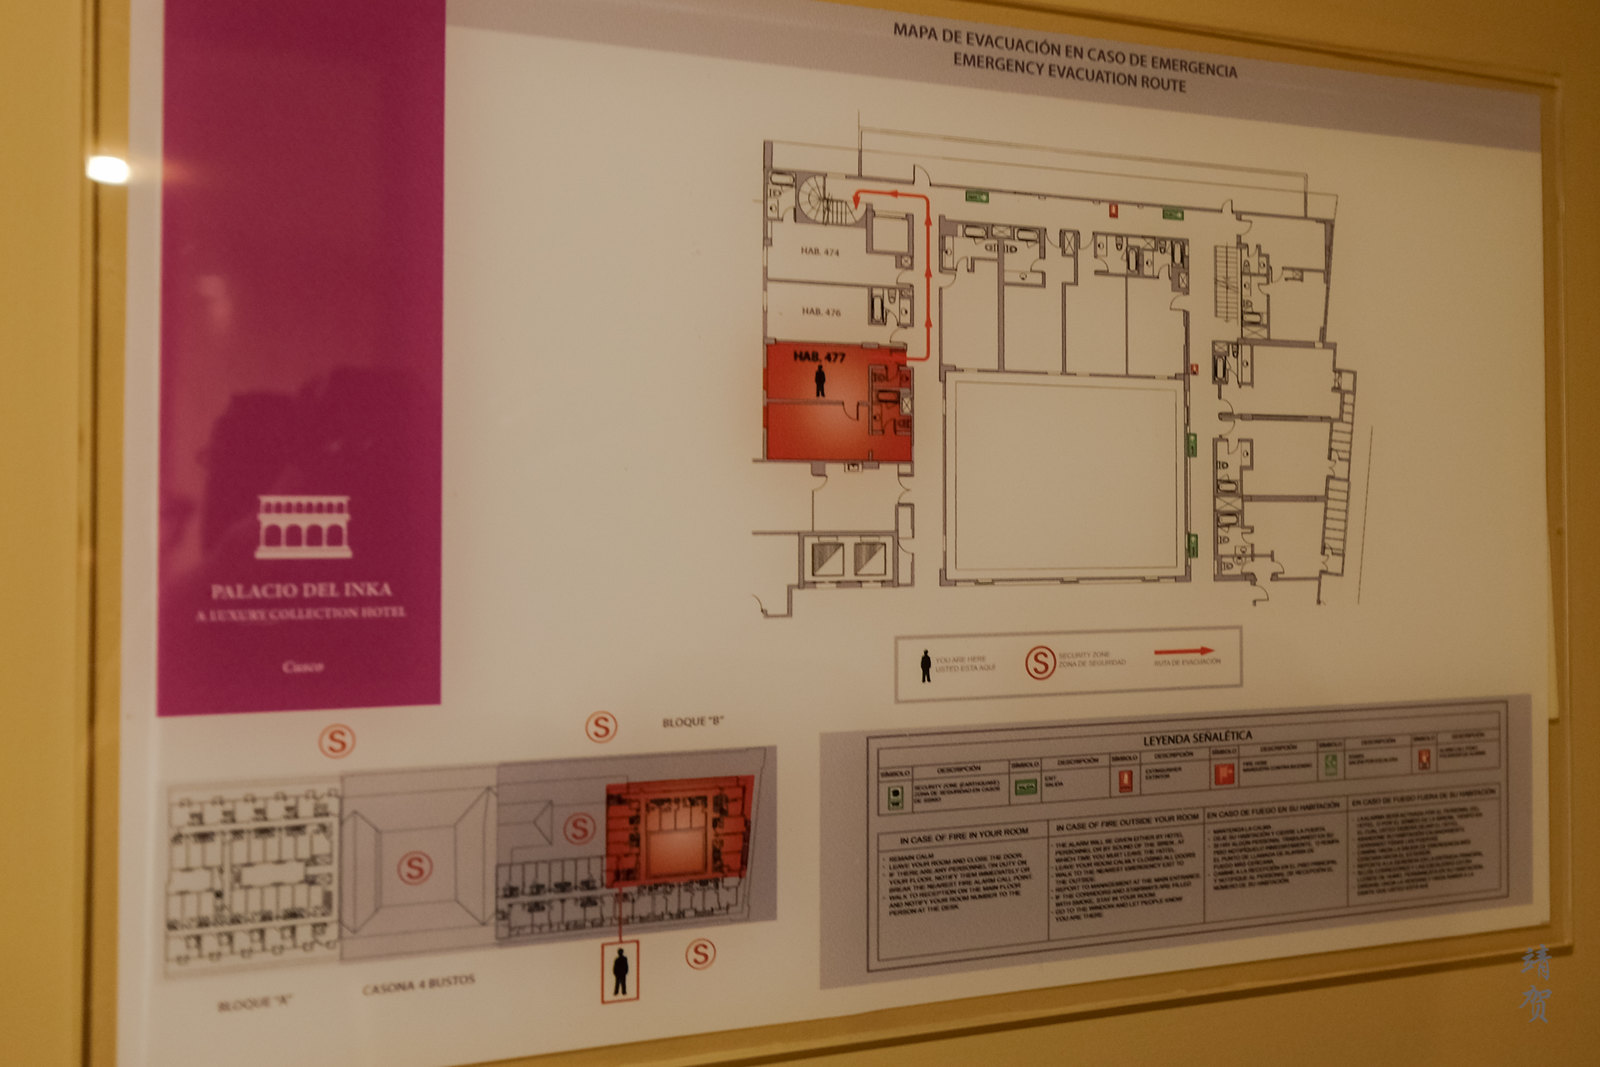 Room floor plan